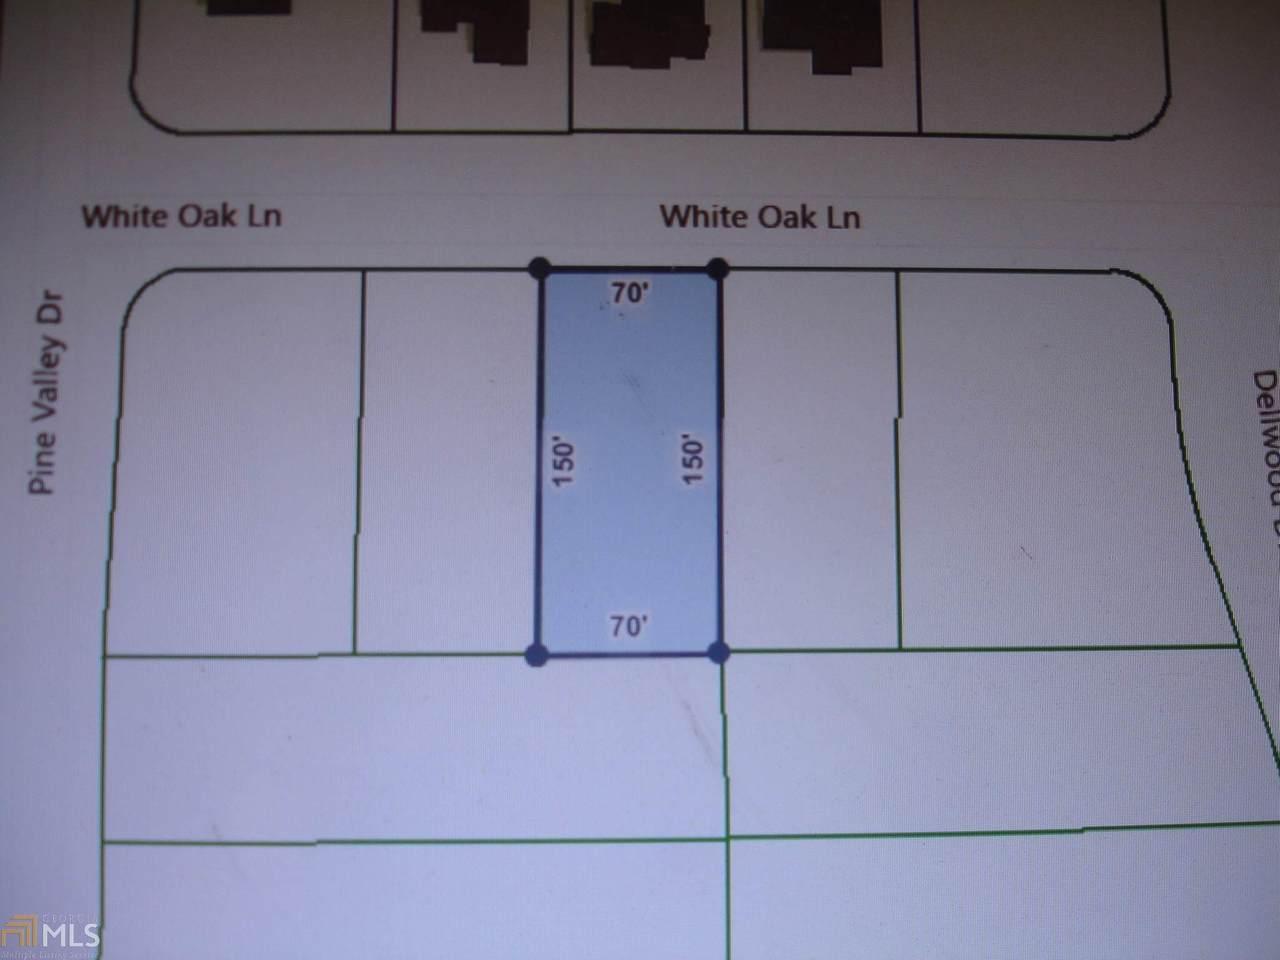 4314 White Oak Ln - Photo 1